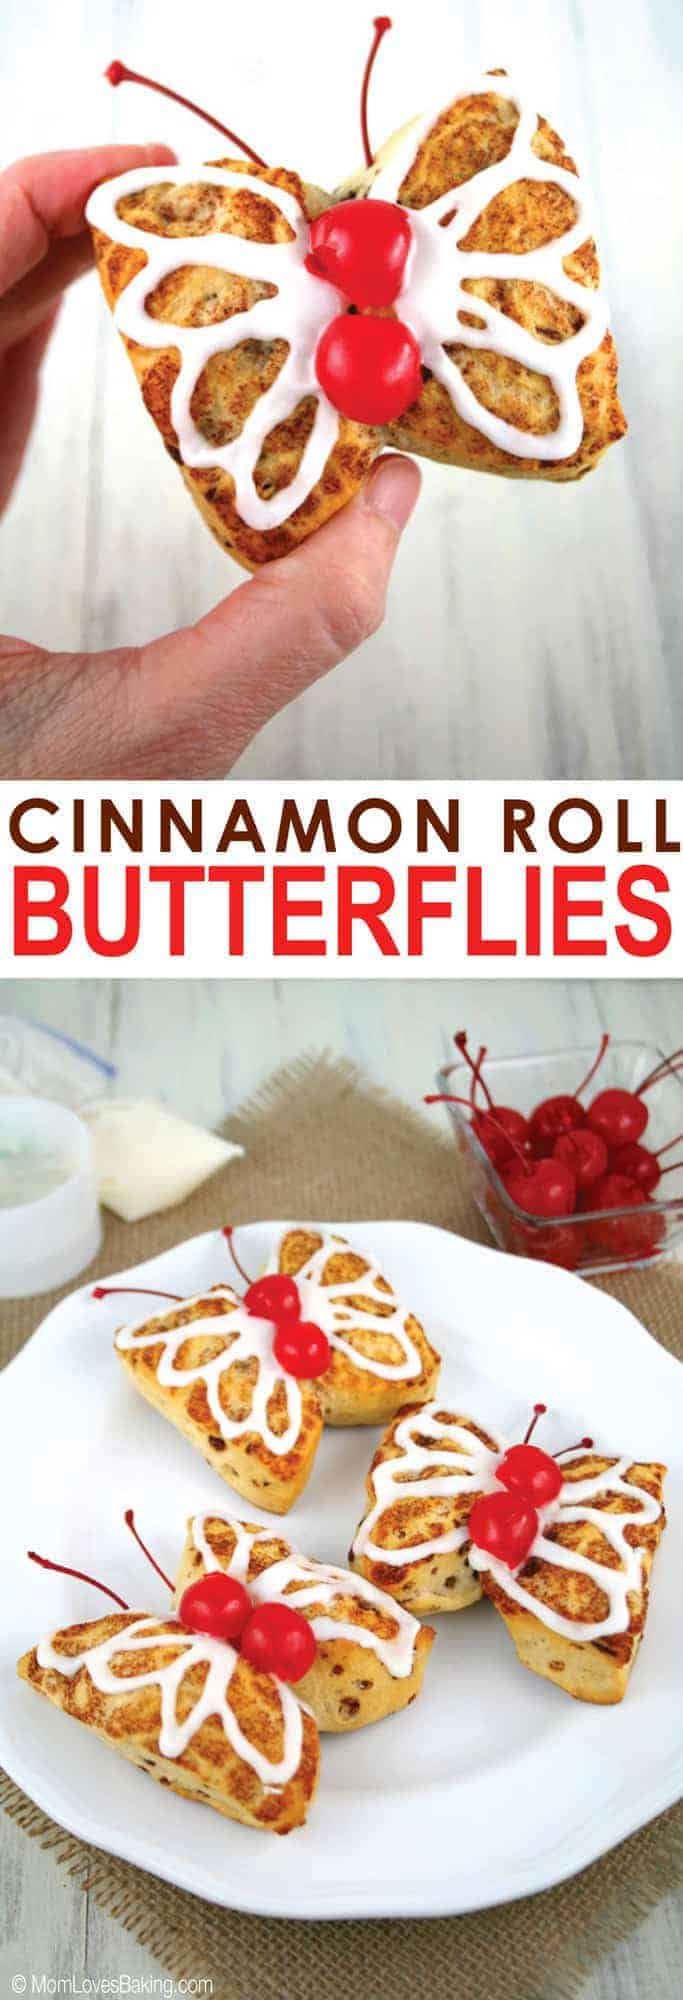 Cinnamon Roll Butterflies